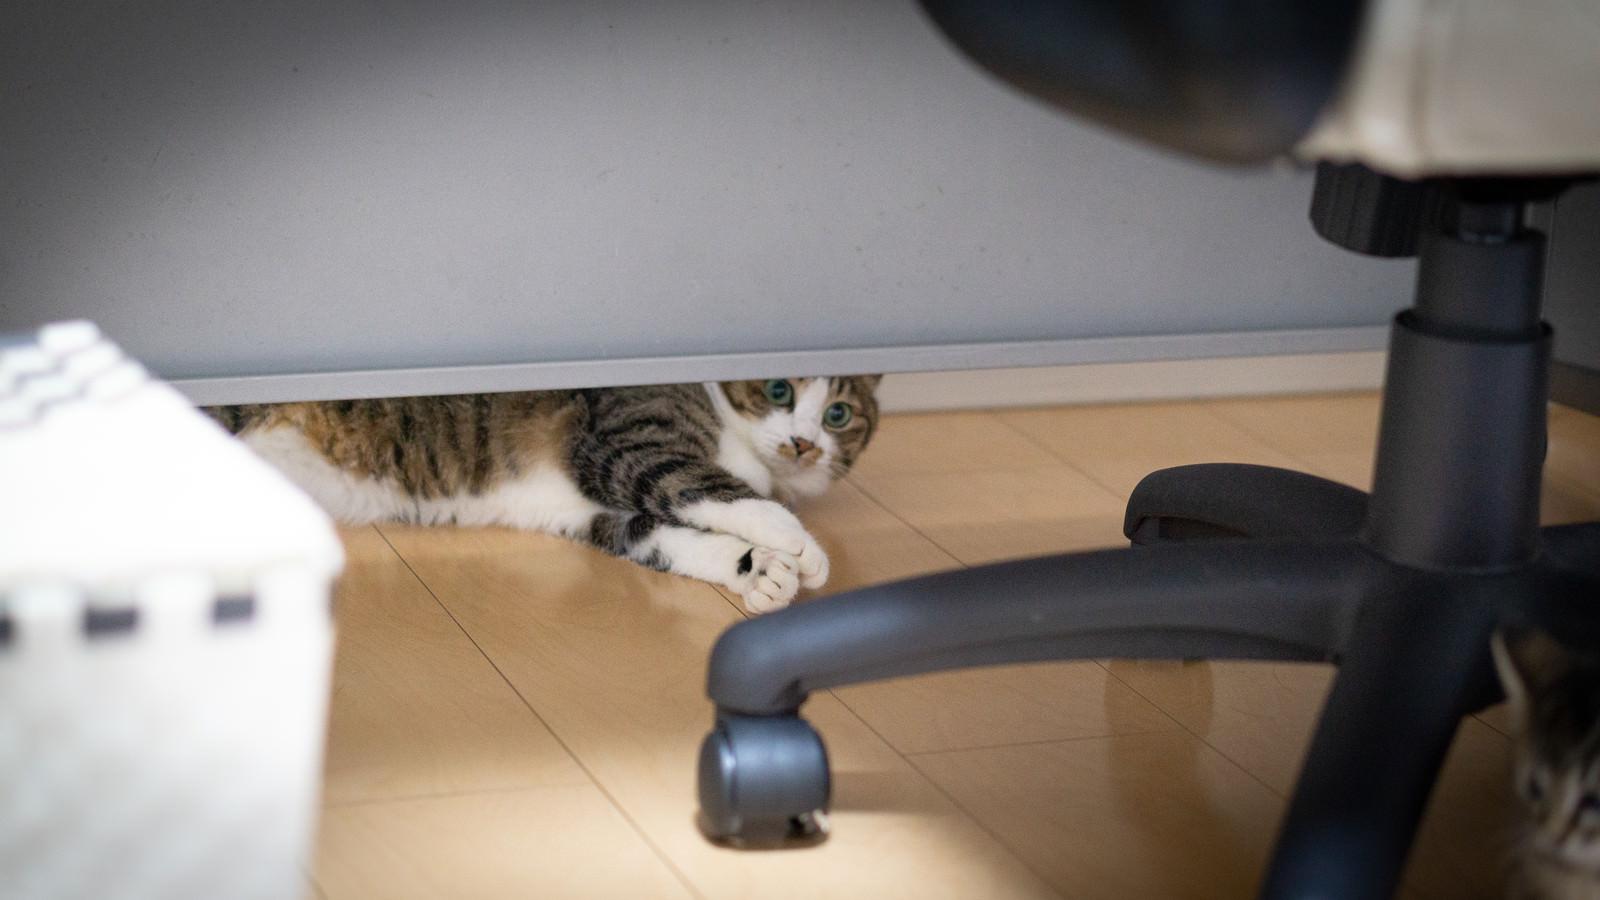 「机の下に入り込んでなかなか出てこない猫」の写真